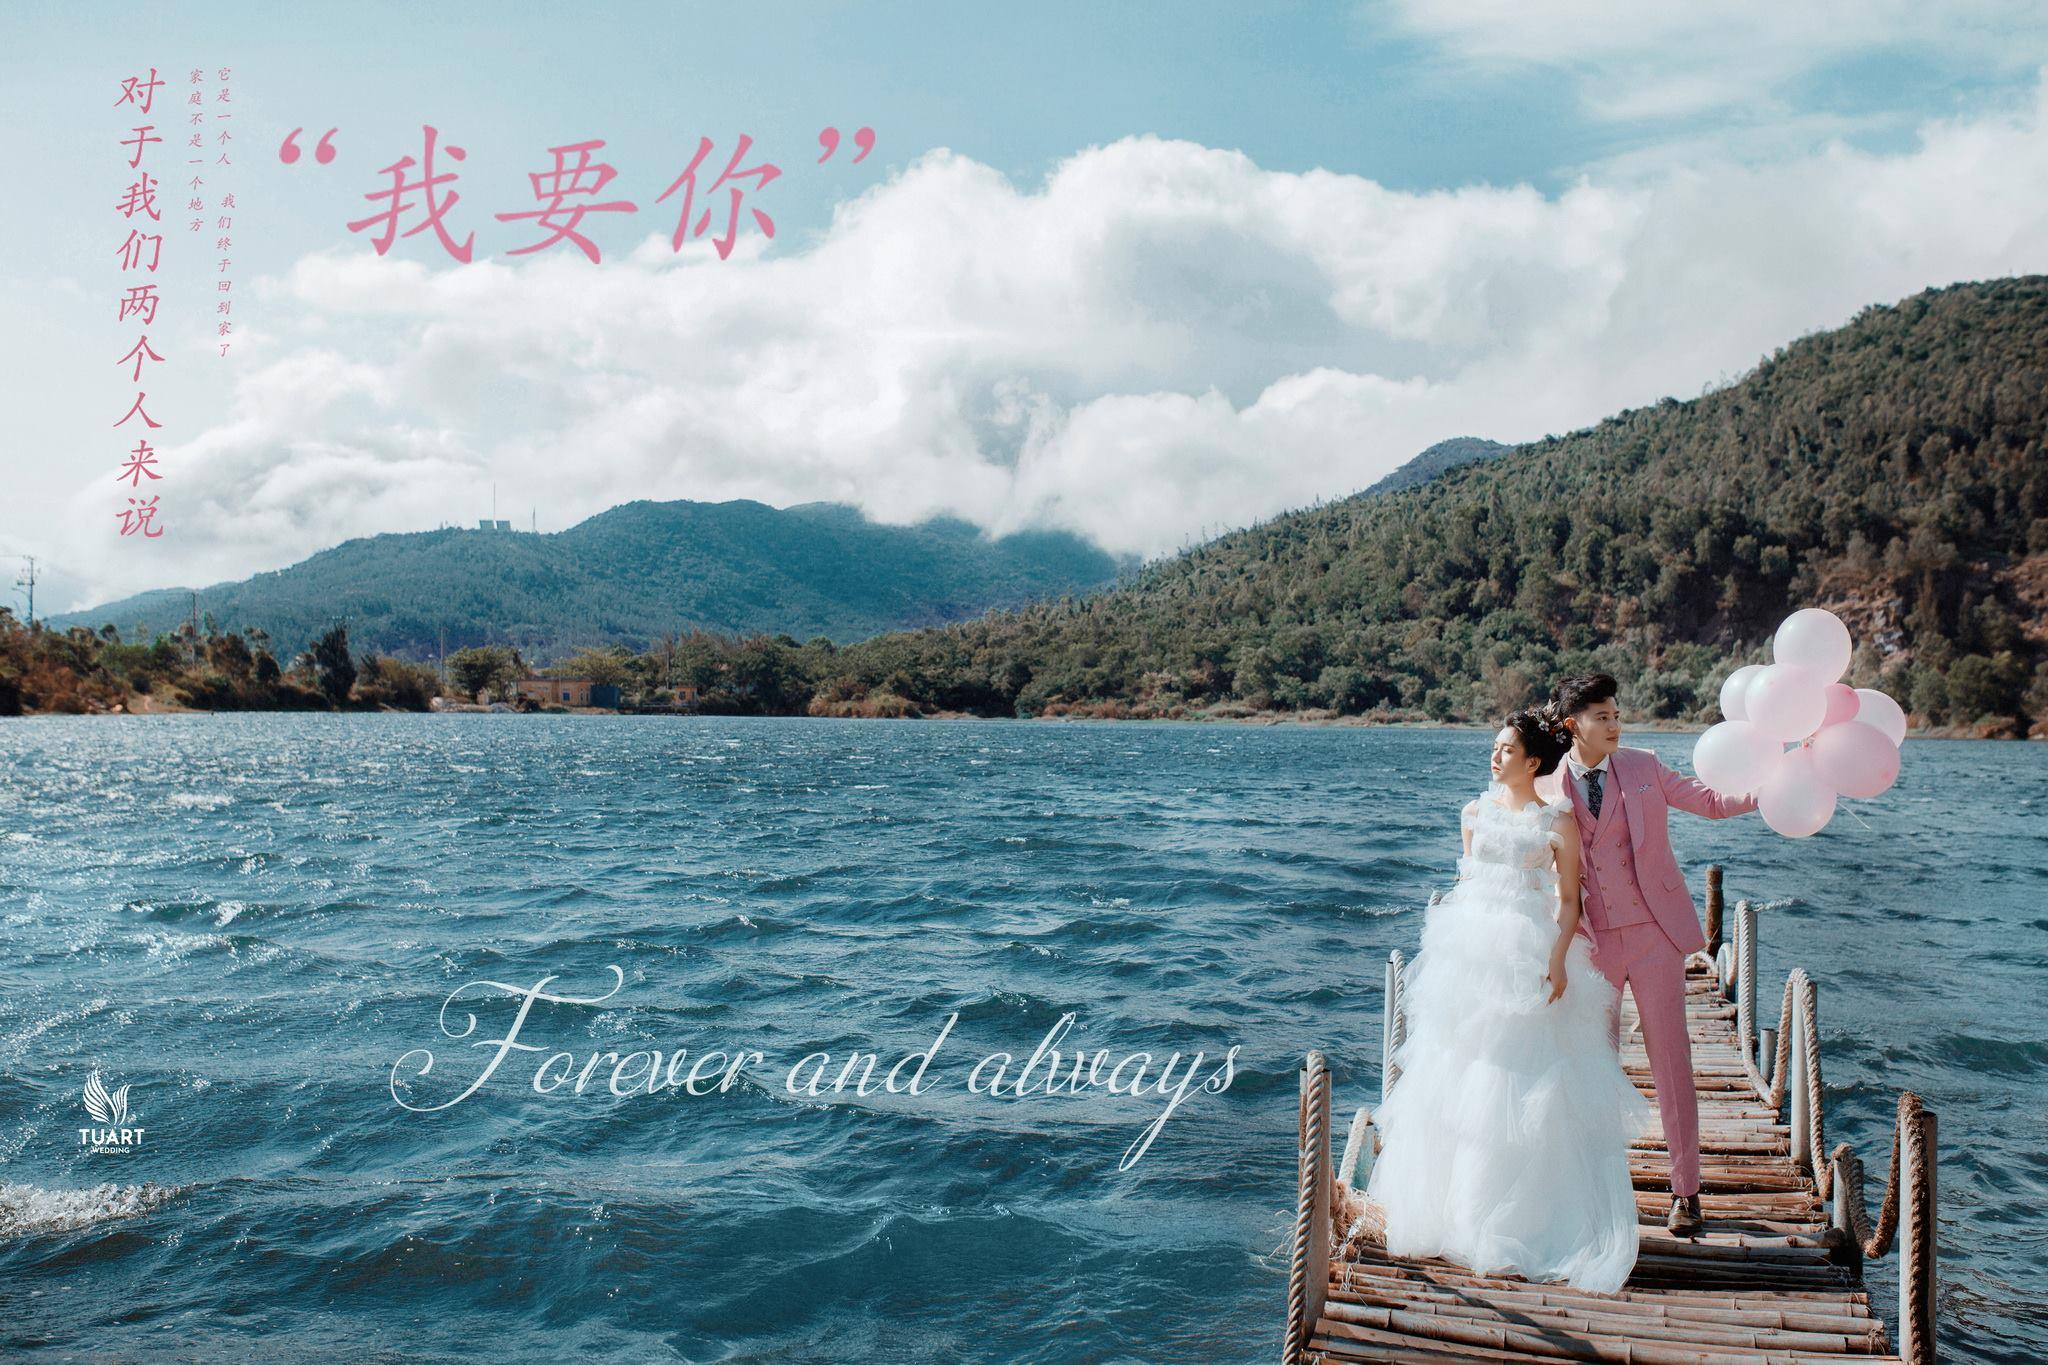 """Album tại Hồ Xanh (Đà Nẵng) – Album chụp hình cưới đẹp """"Nắng đầu mùa"""""""